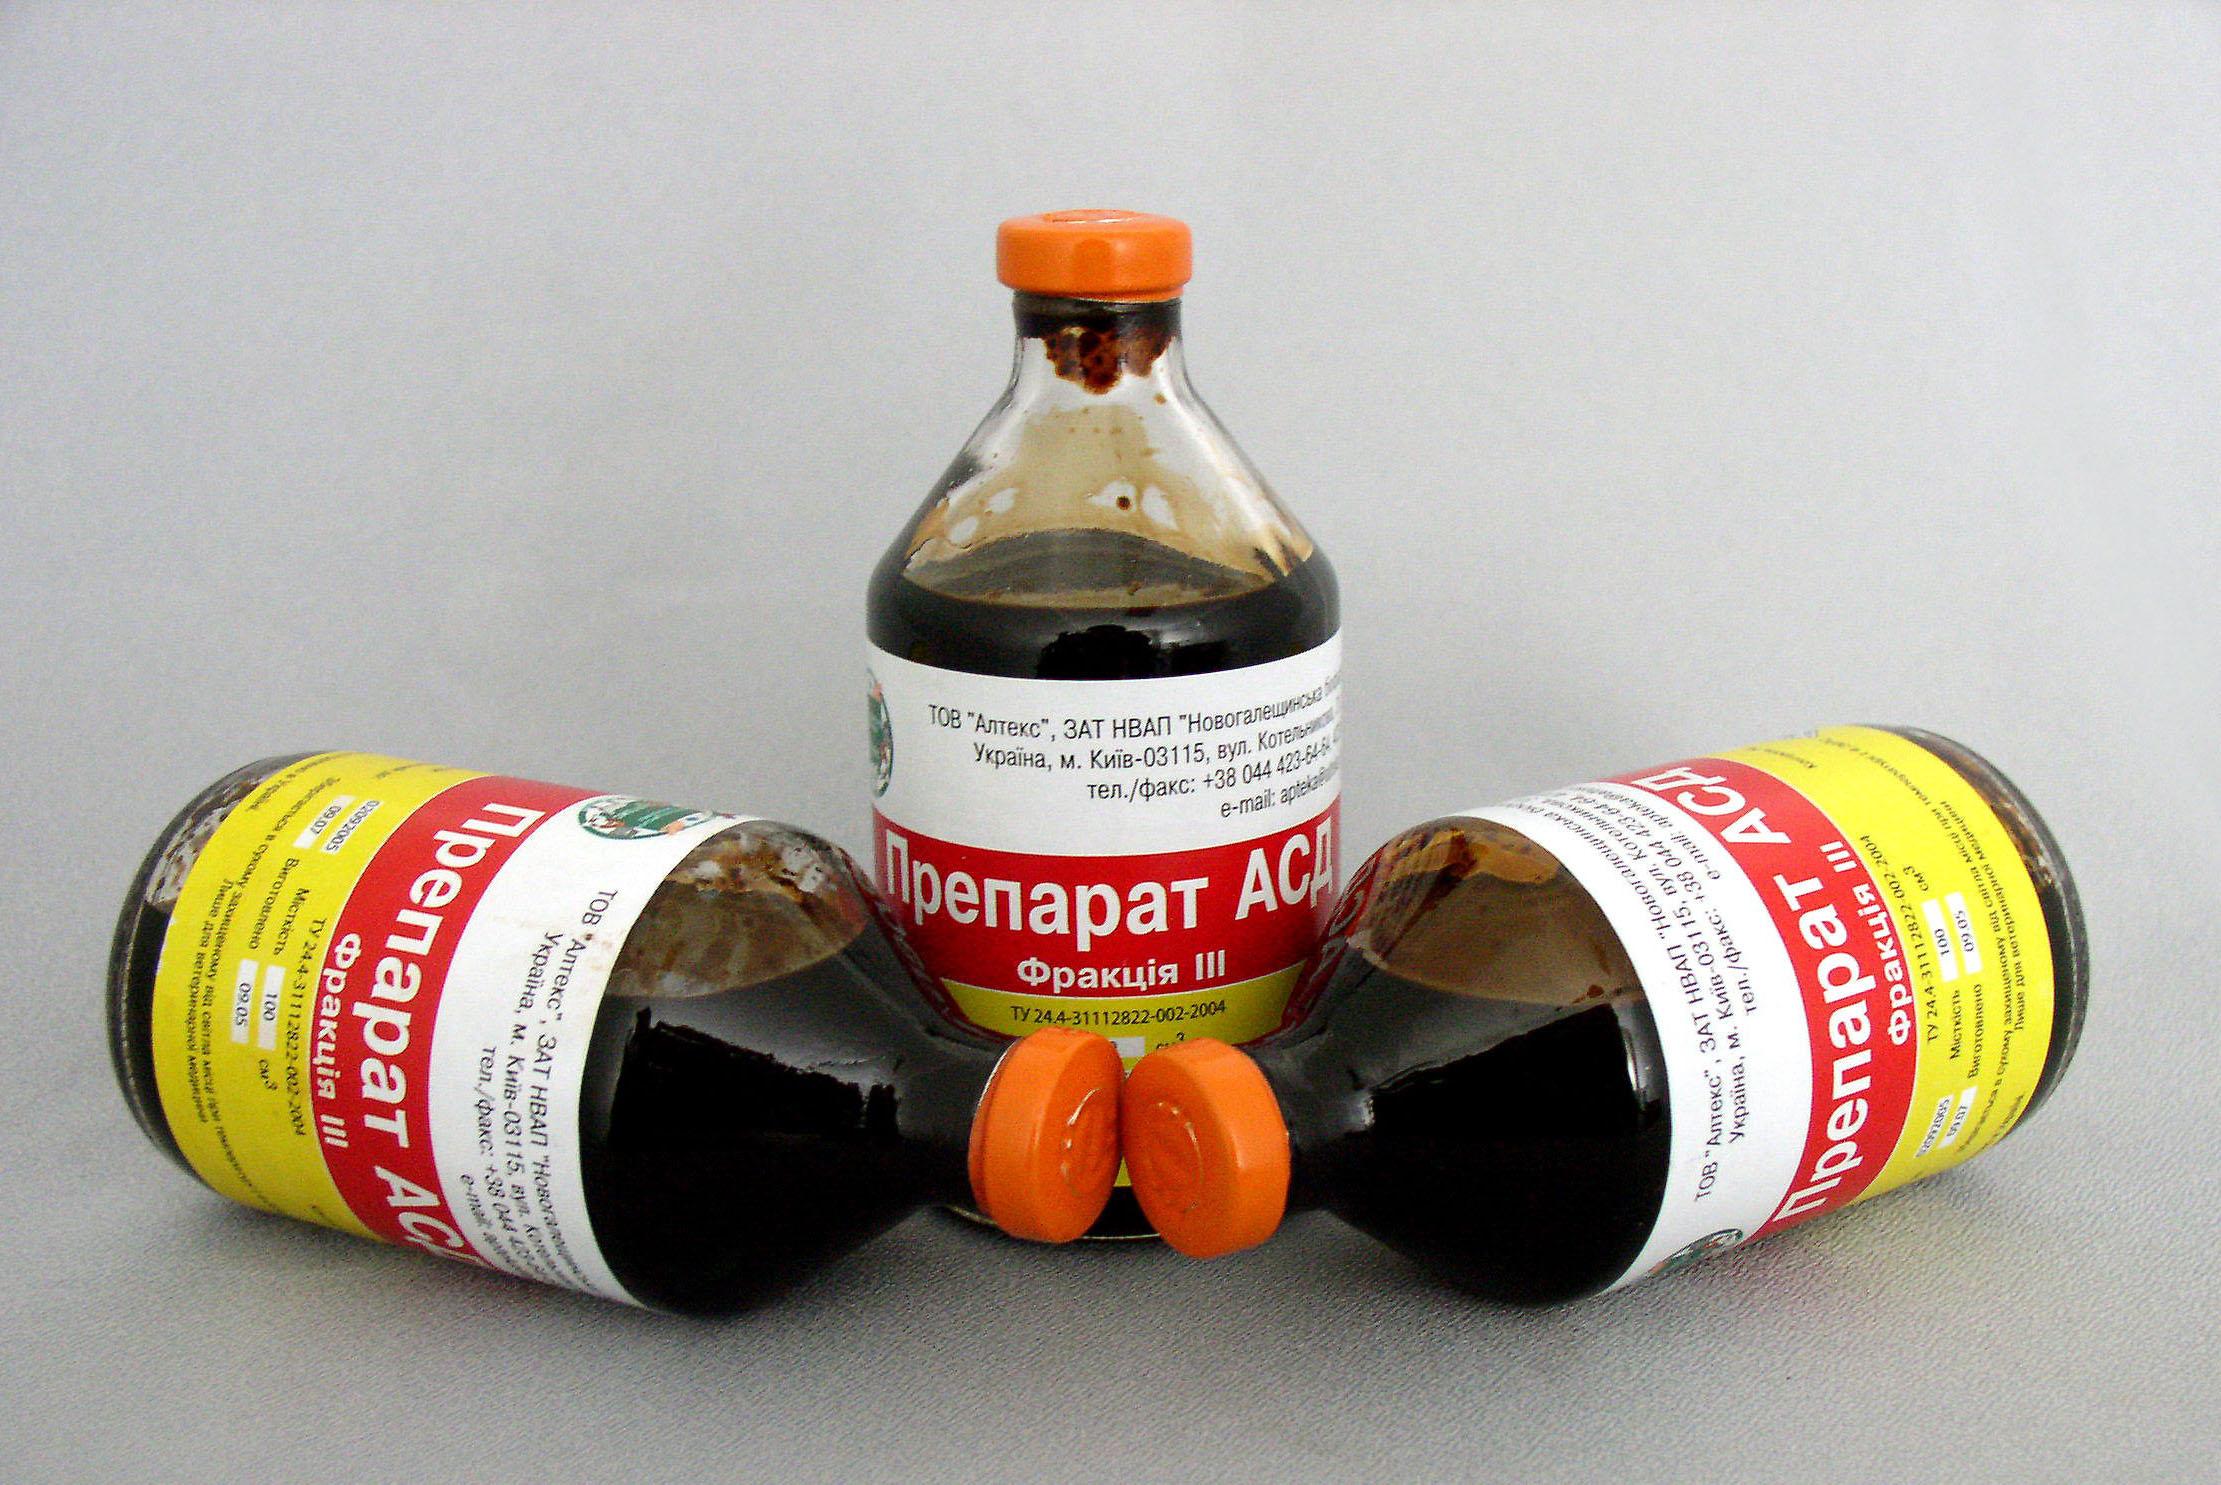 Препарат АСД А В Дорогов - Старости - нет!